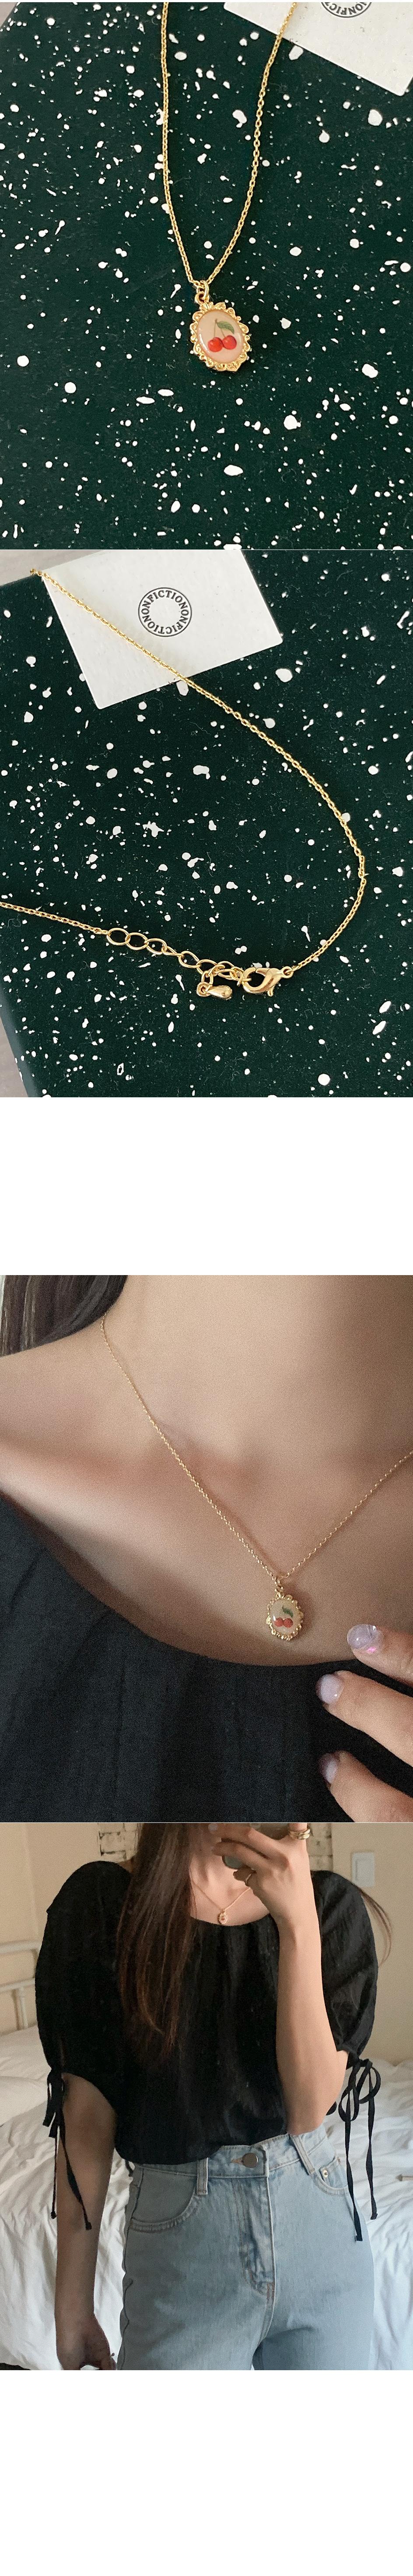 Jejeddy Cherry Necklace